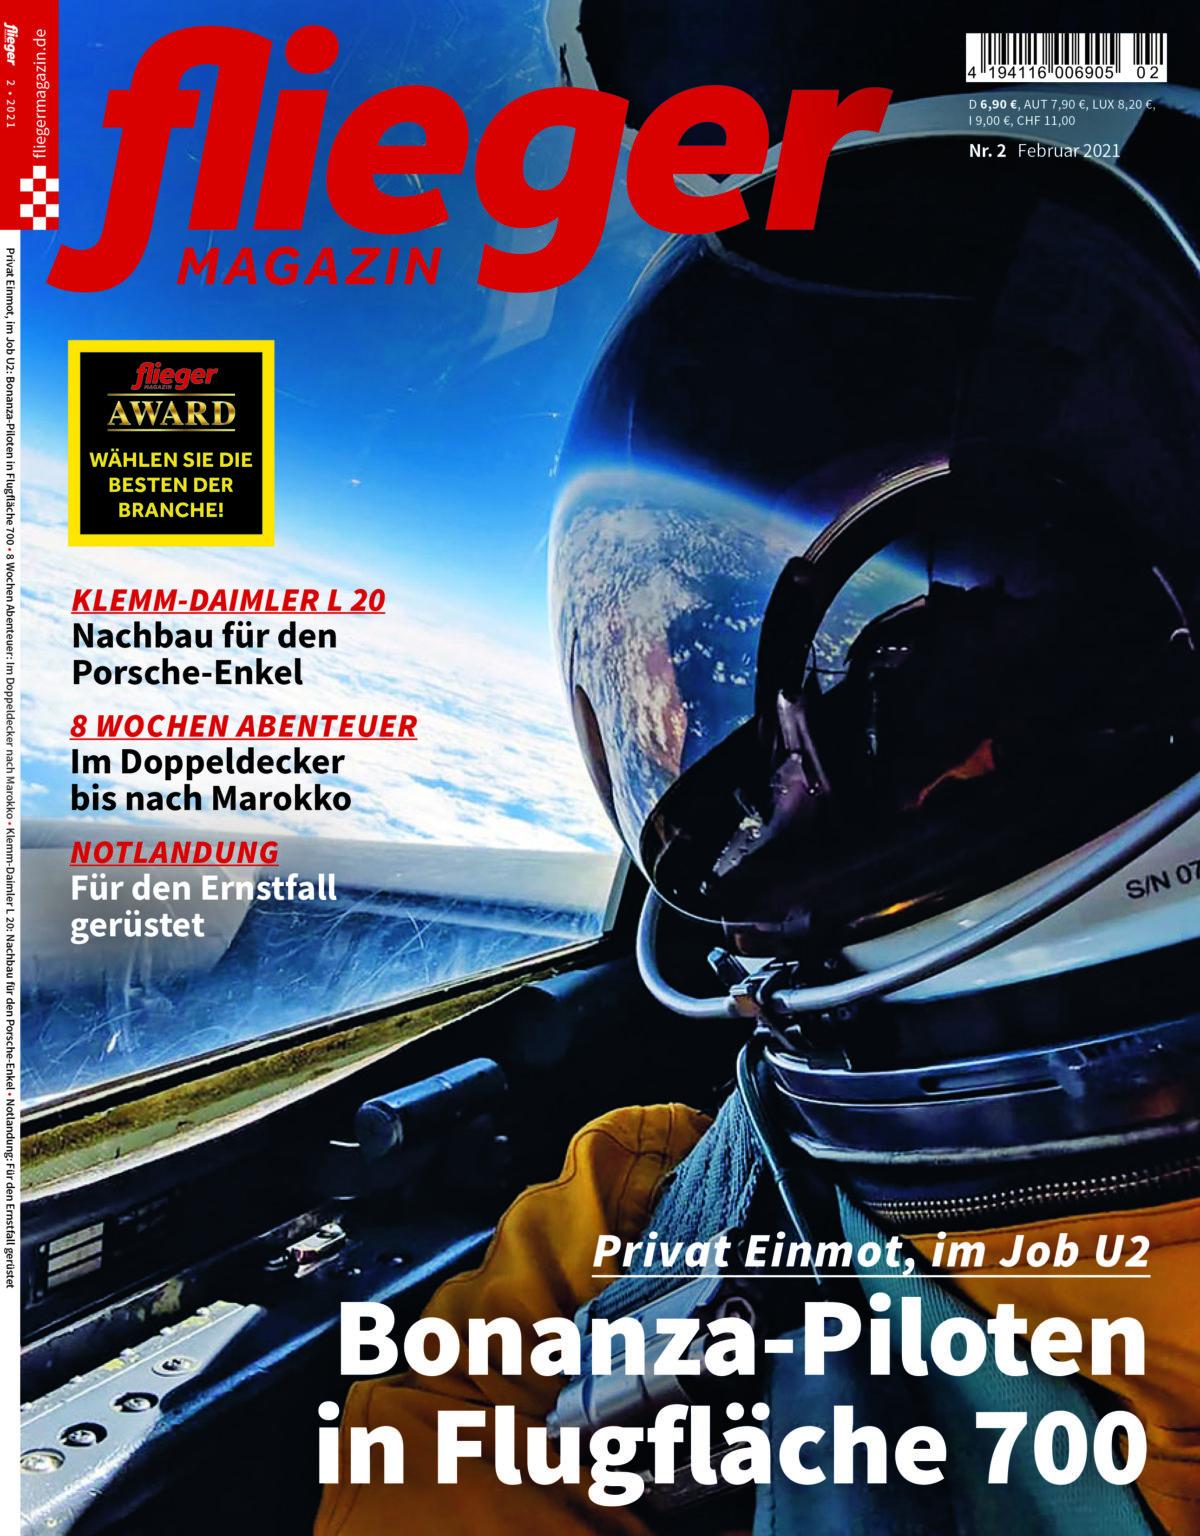 Privat Einmot, im Job U2: Bonanza-Piloten in Flugfläche 700